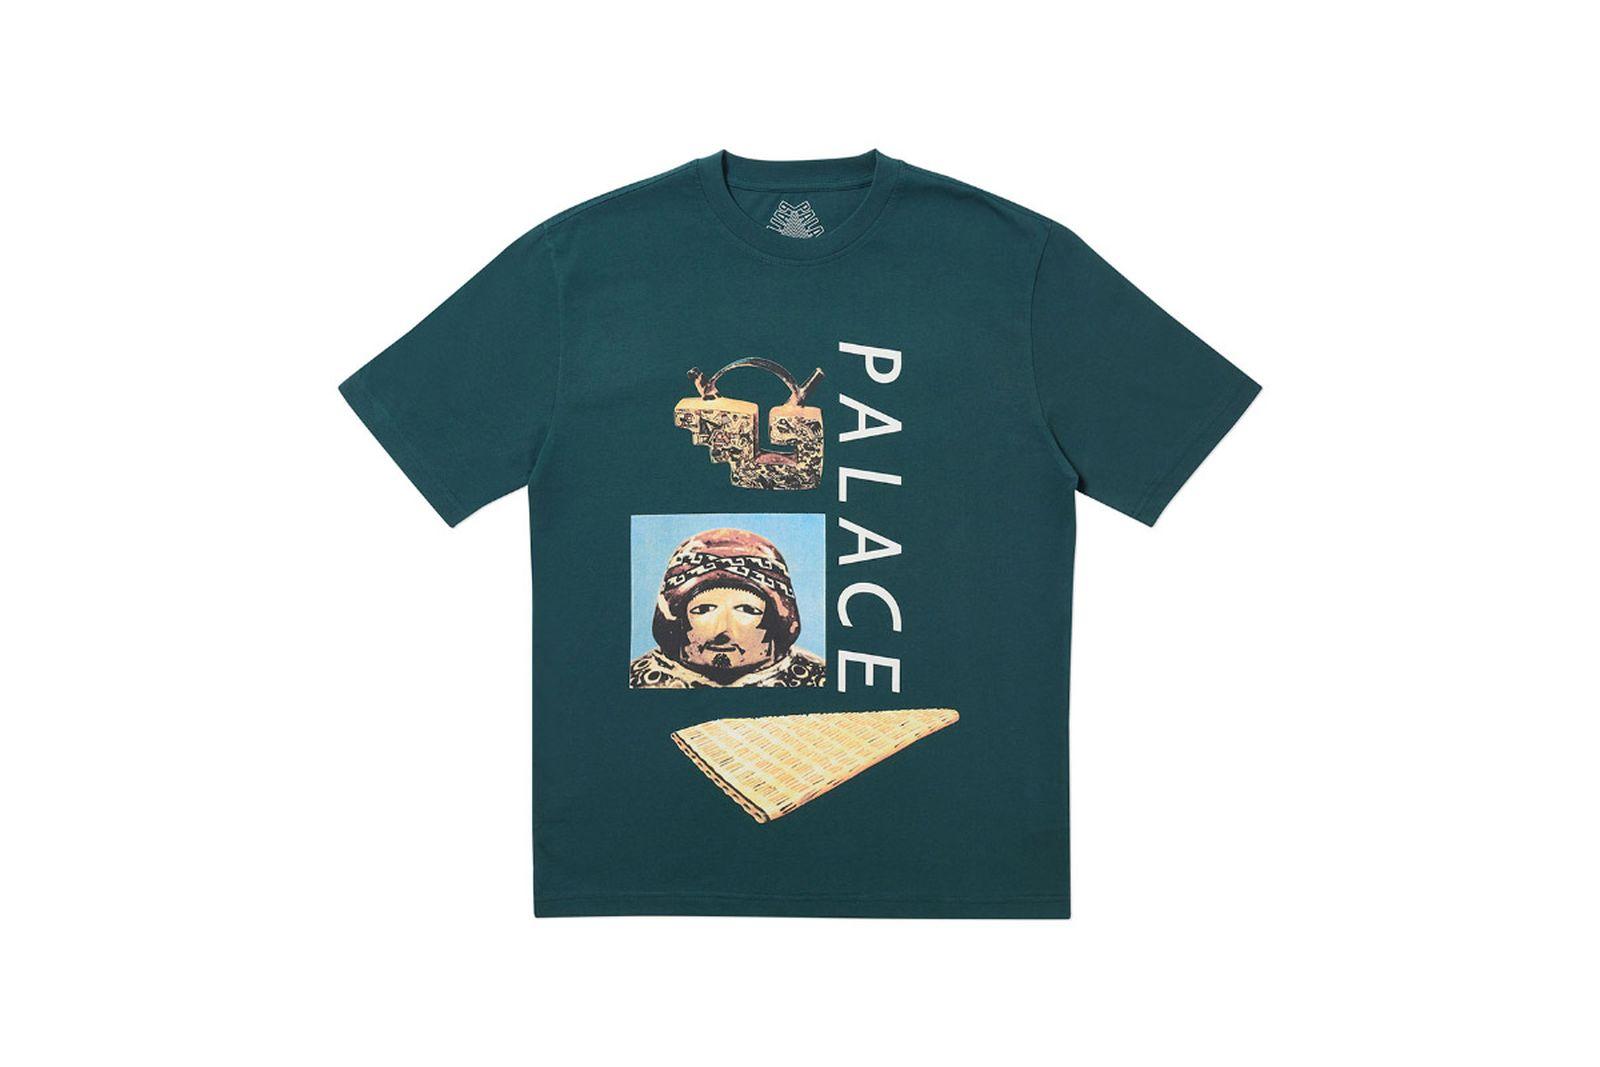 Palace 2019 Autumn T Shirt Tactic green